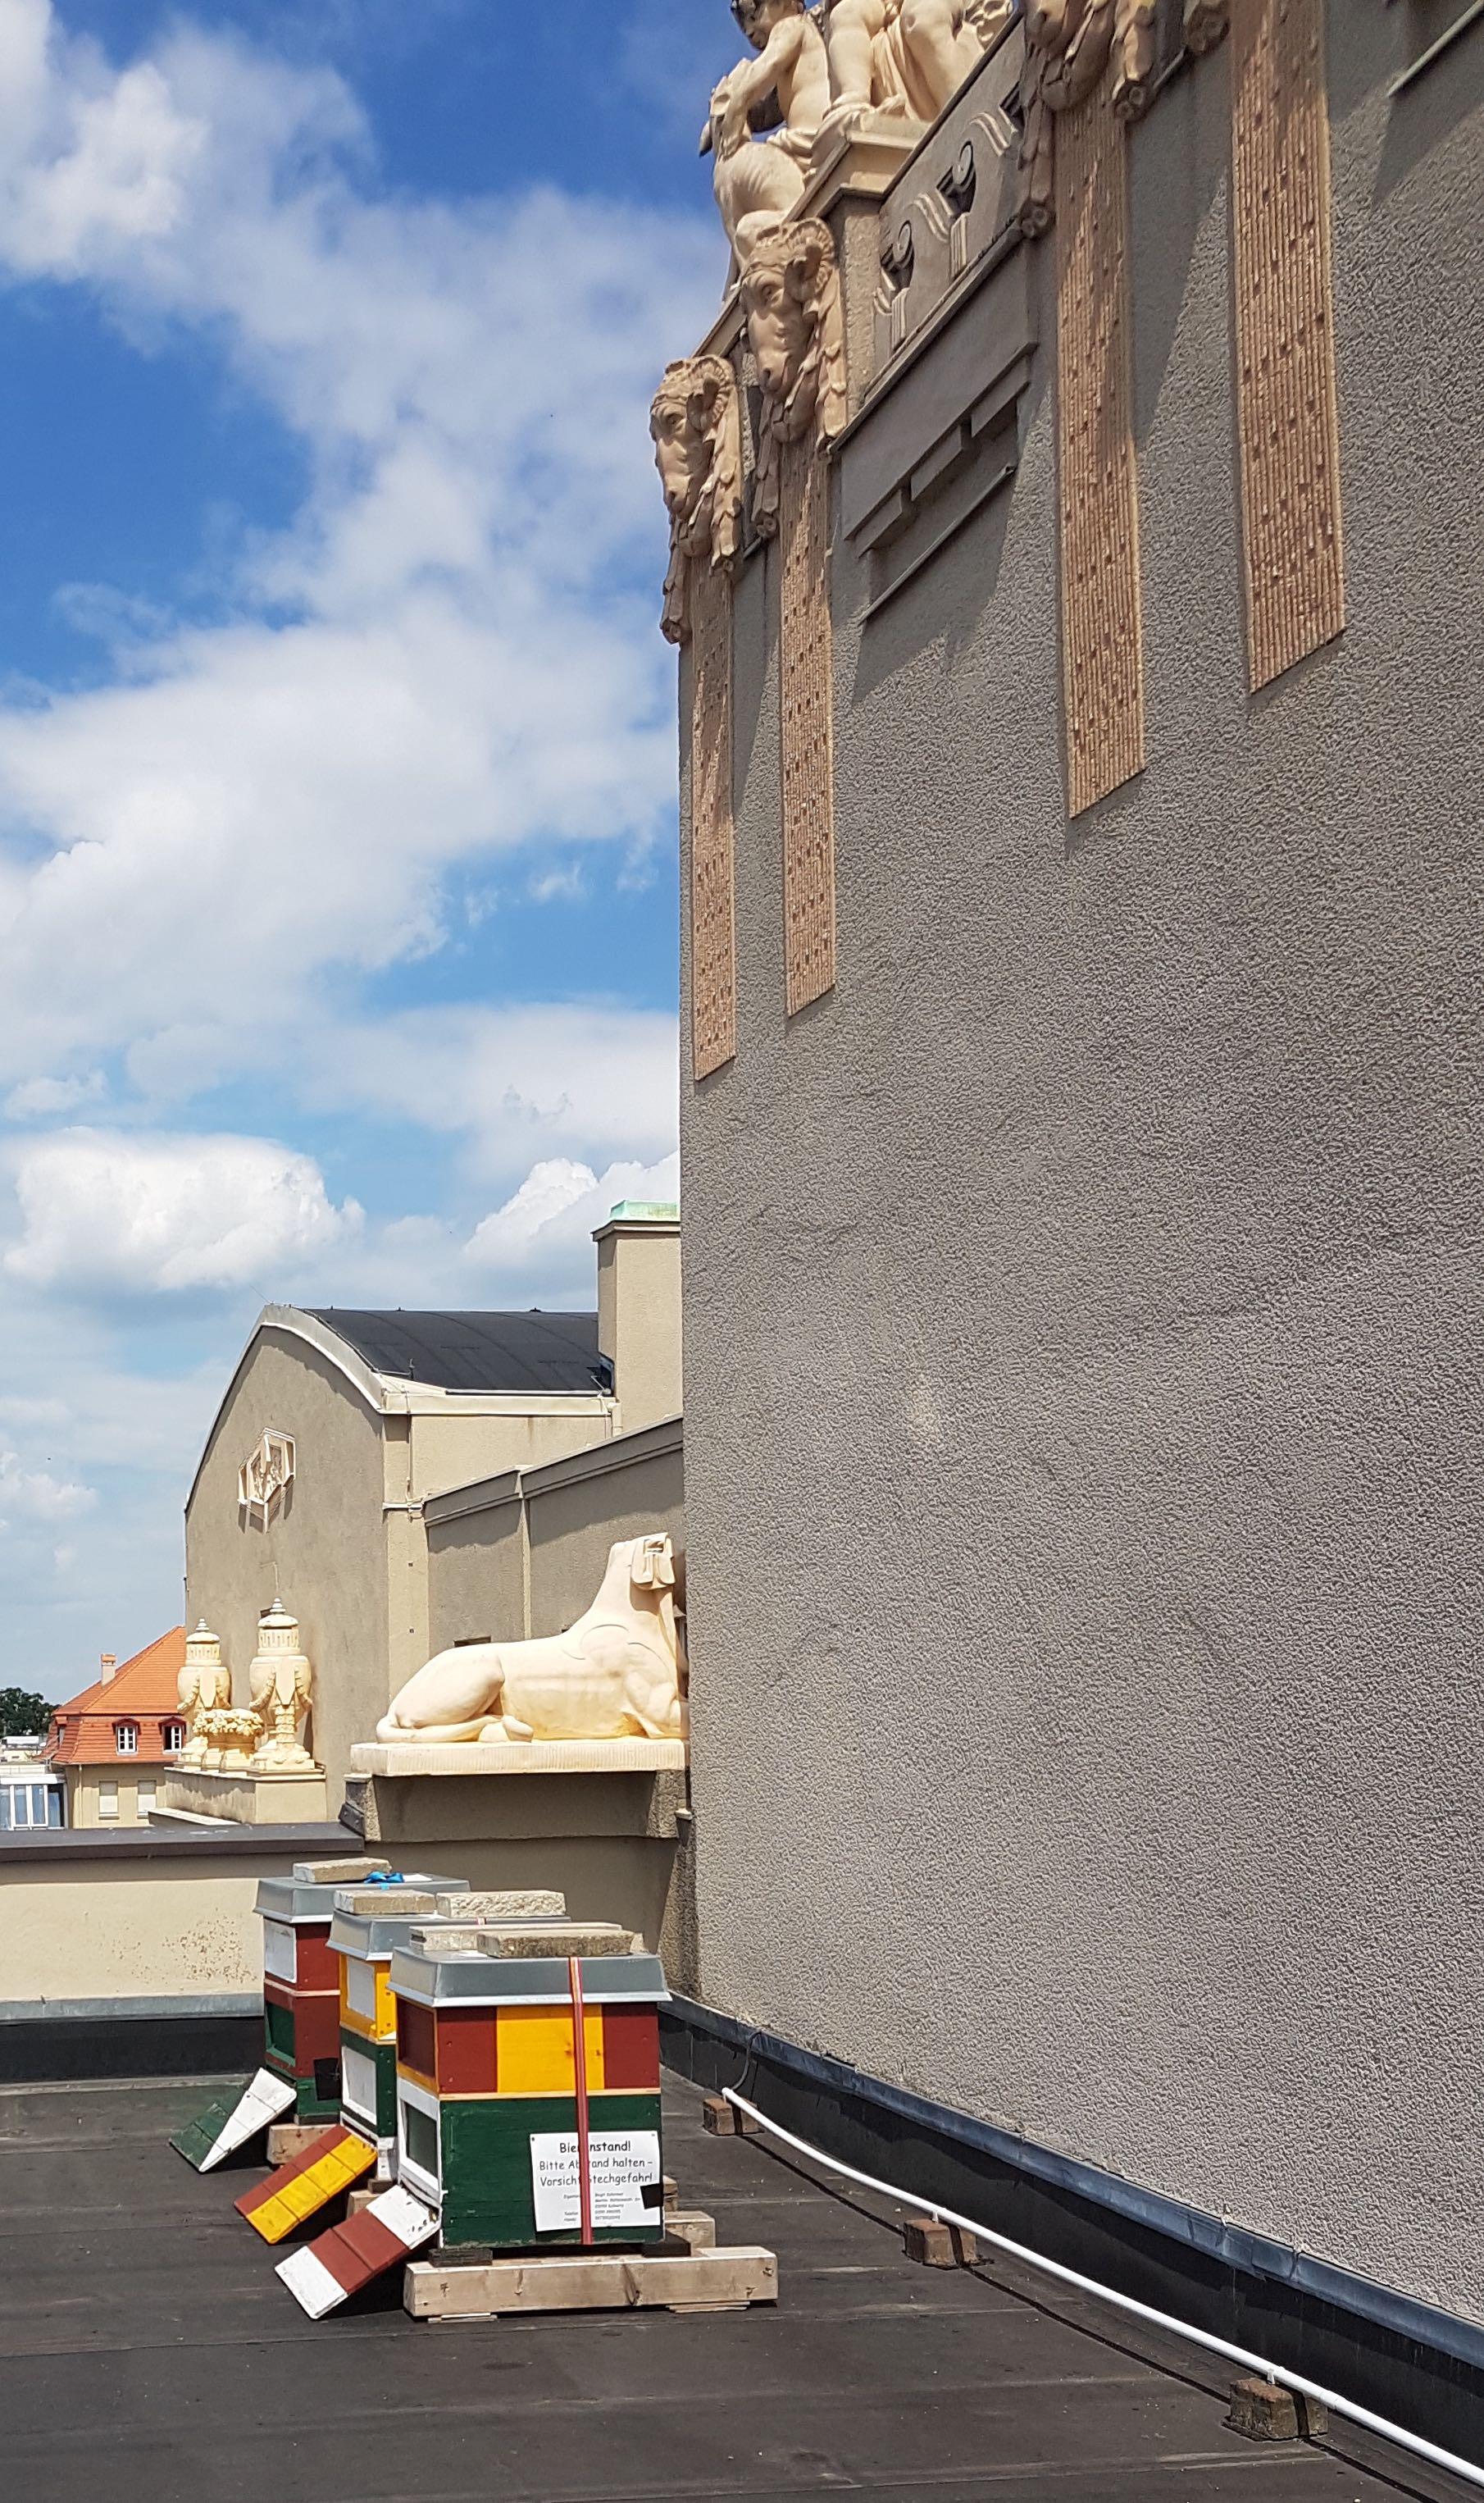 Bienenvölker auf dem Dach